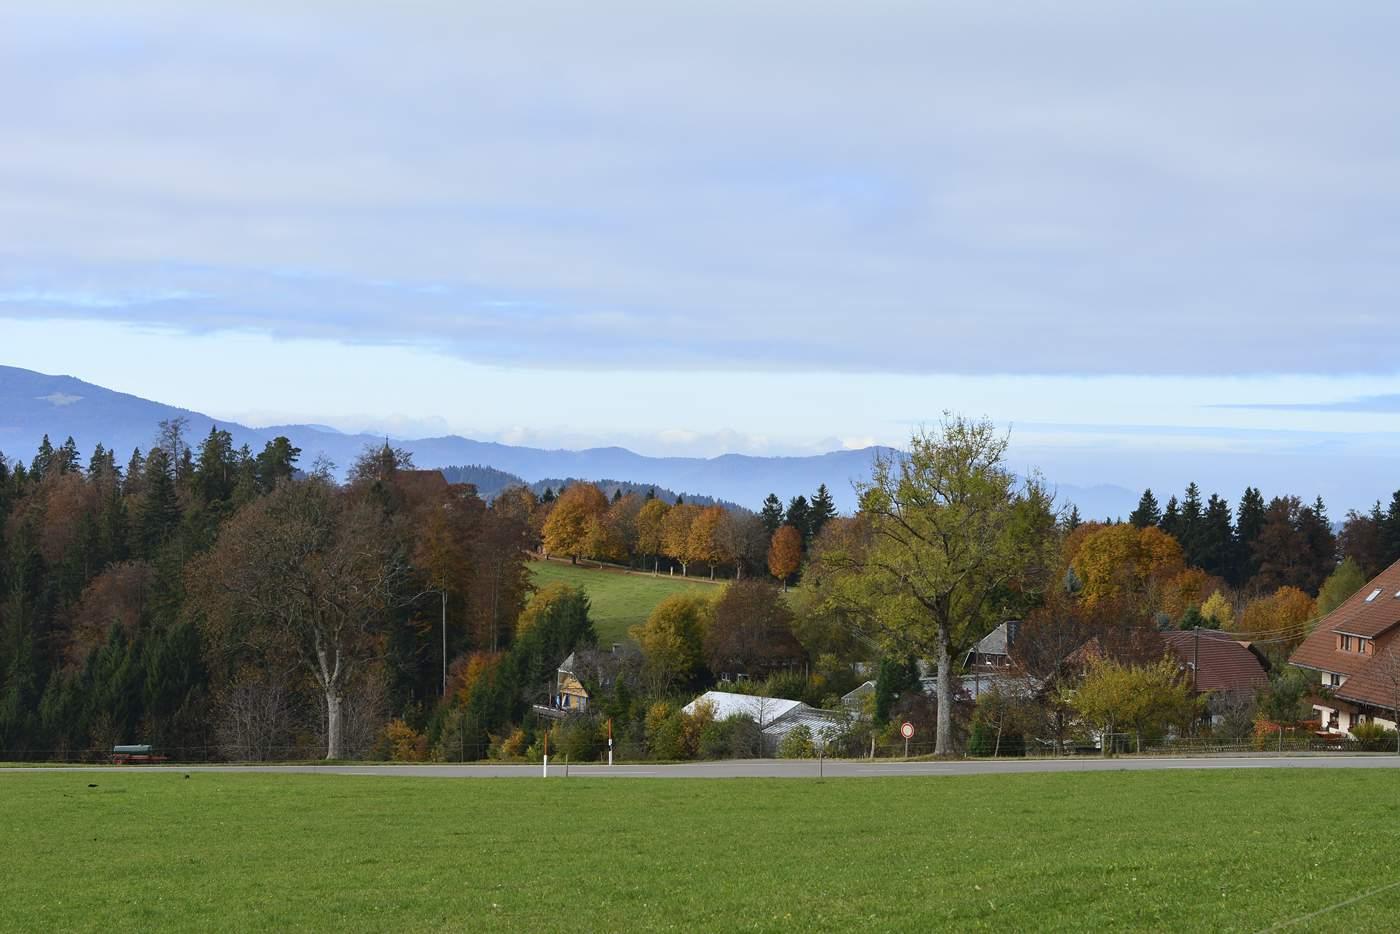 dokad jechac jesienia szwarcwald niemieckie gory jesienia